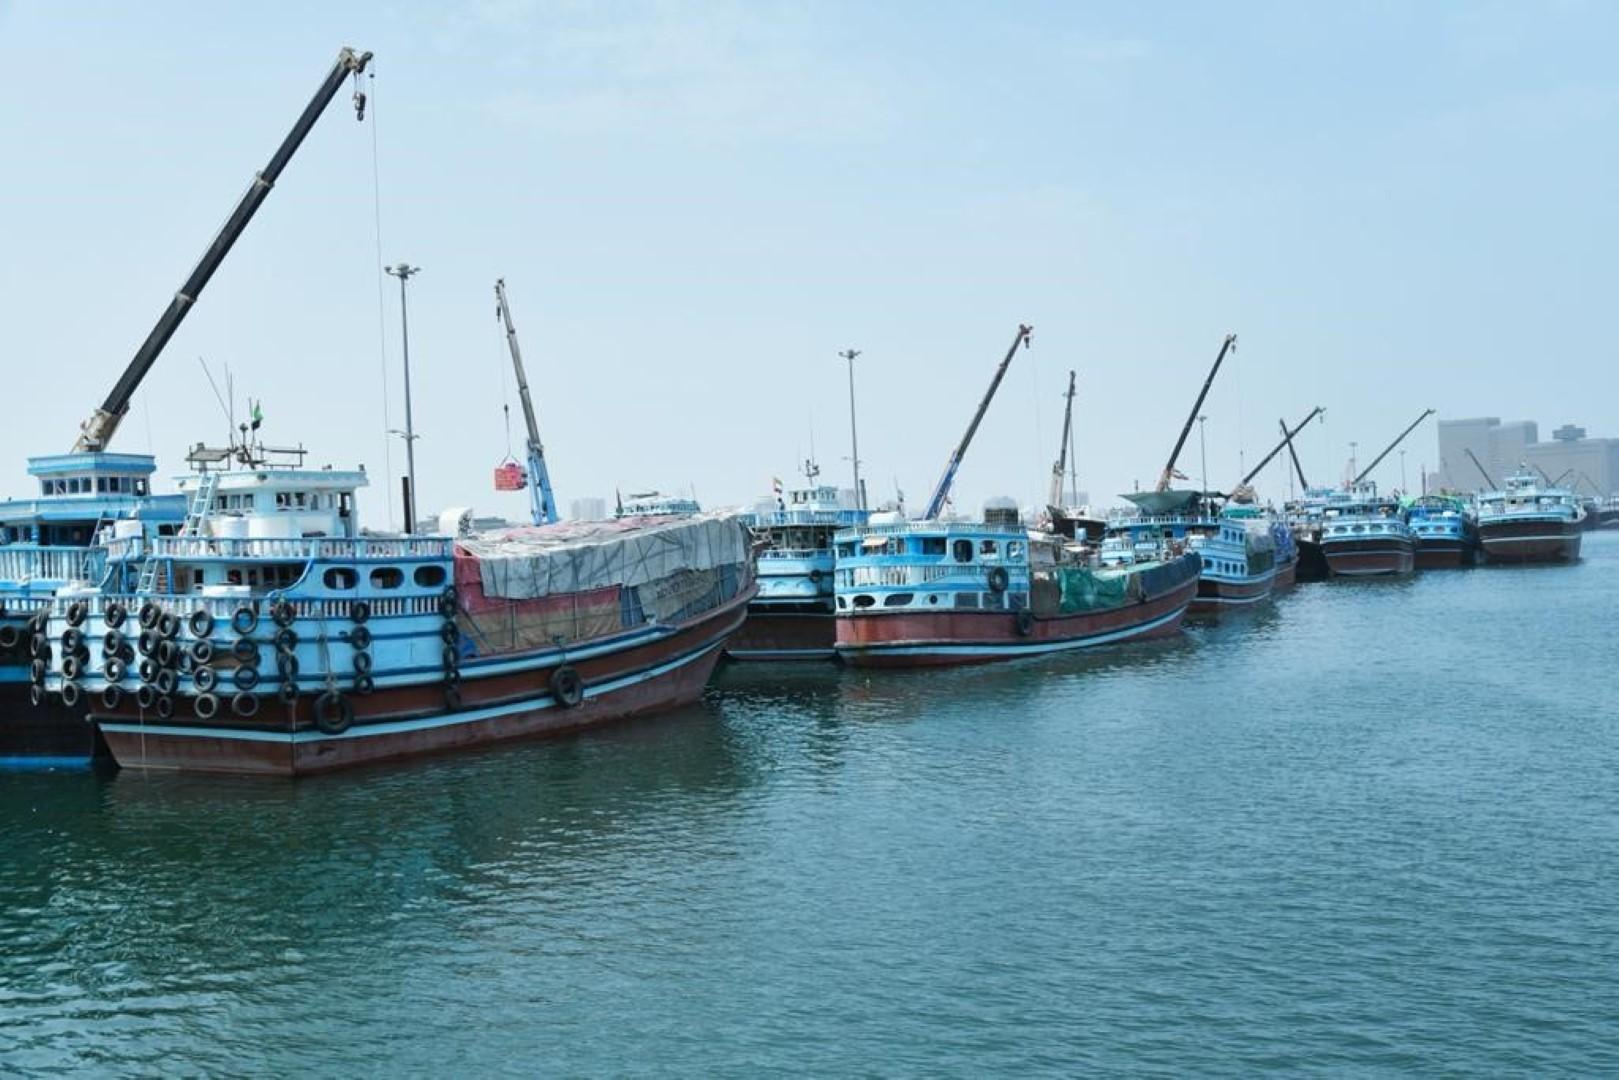 دخول أكثر من 5000 سفينة تجارية خشبية إلى مرافئ دبي خلال النصف الأول